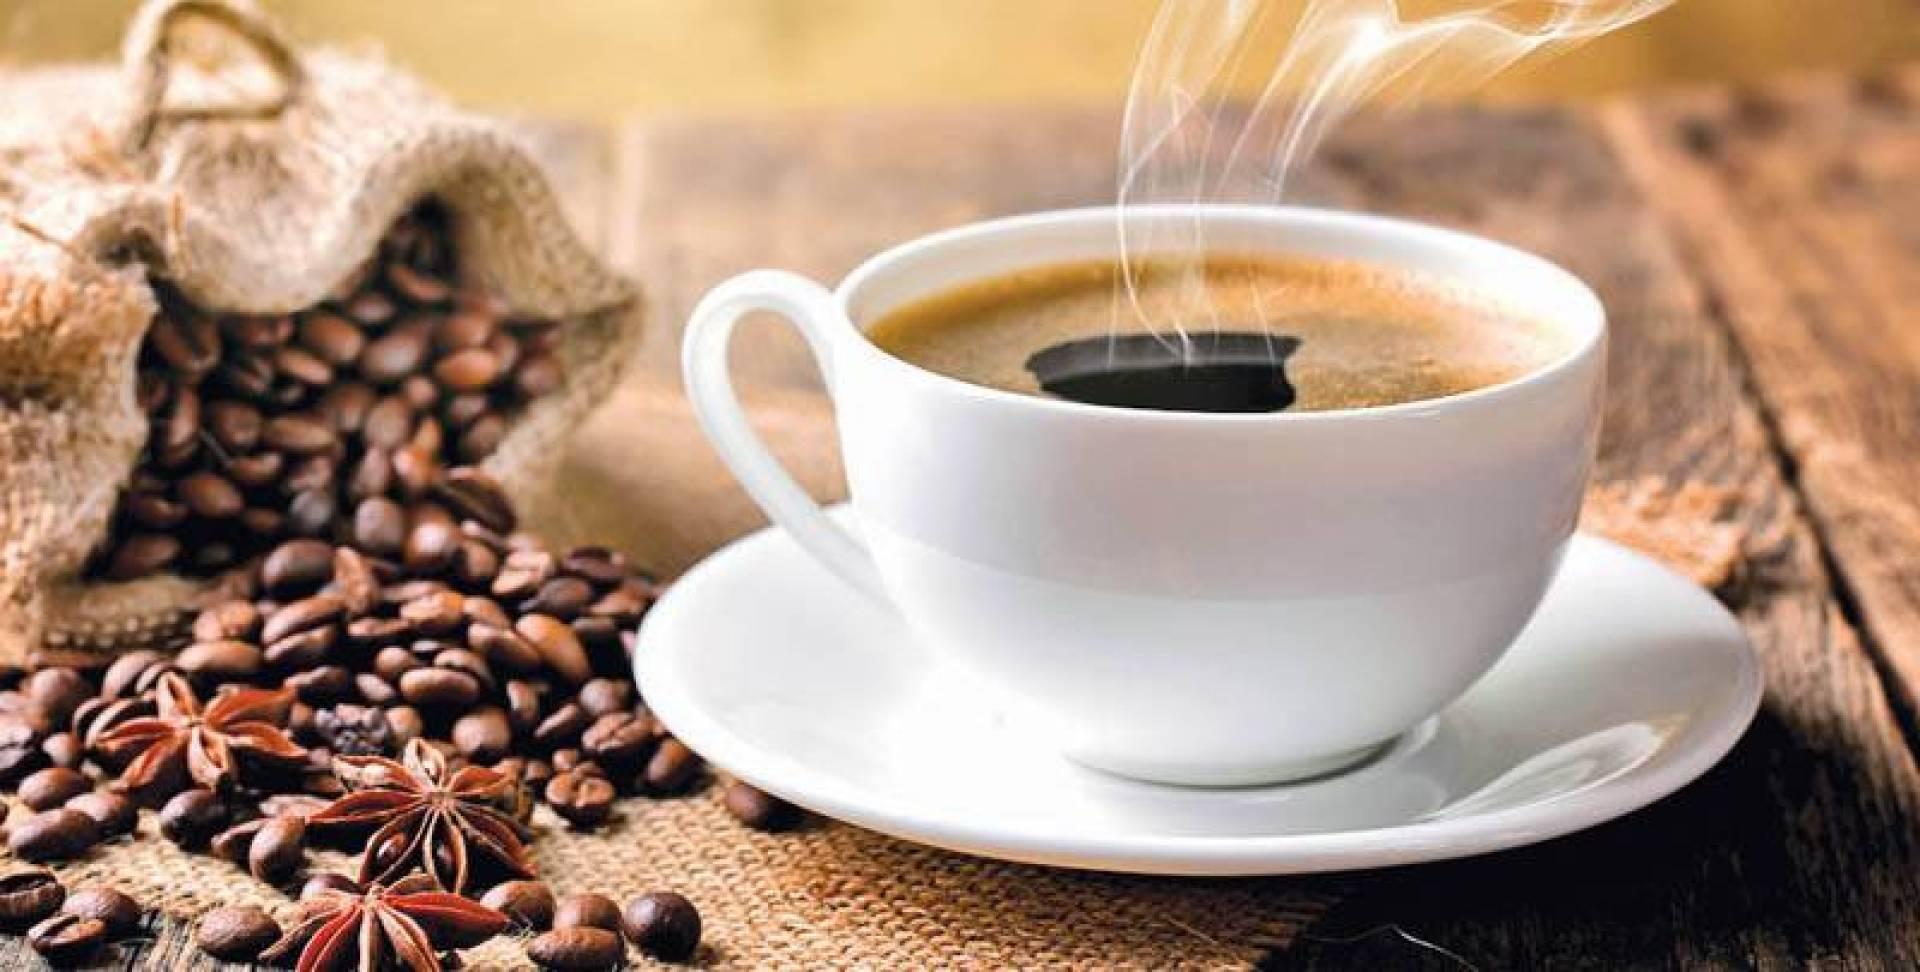 3.5 مليارات درهم تجارة دبي الخارجية من القهوة في 10 سنوات ...